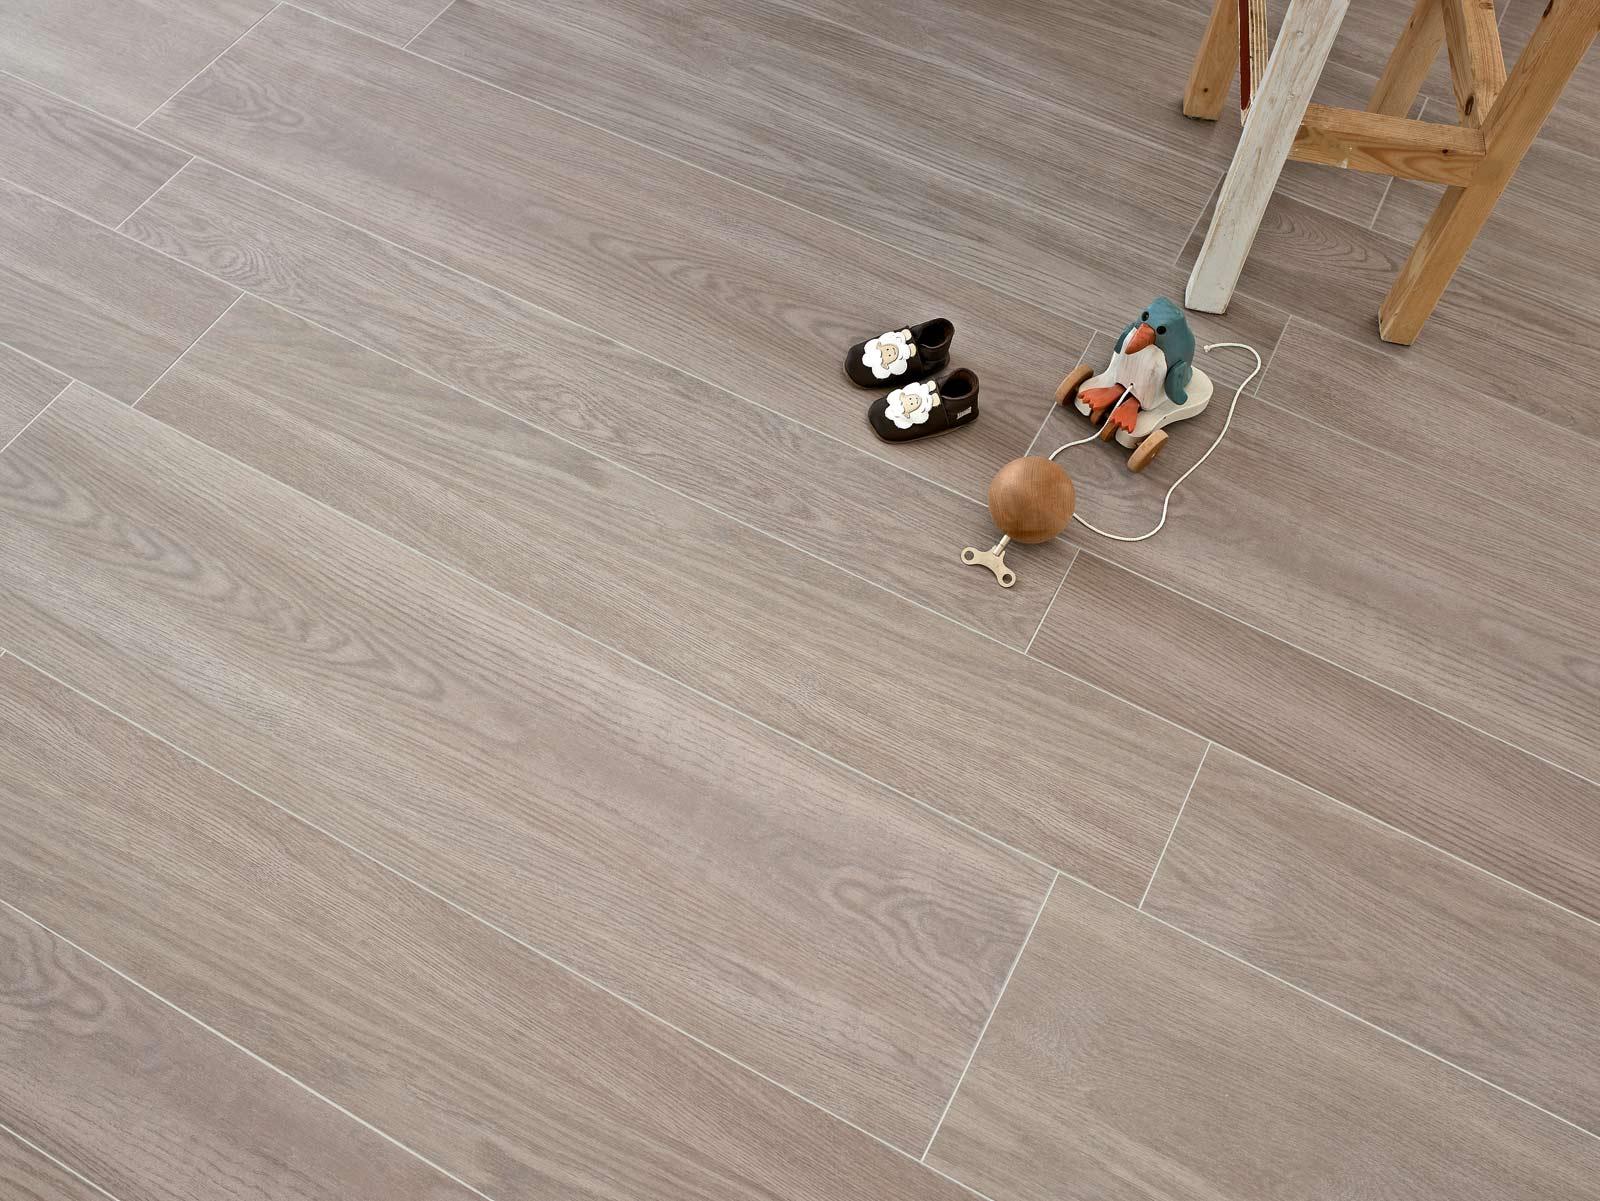 Treverk gres fine porcellanato effetto legno marazzi for Marazzi ceramiche effetto legno